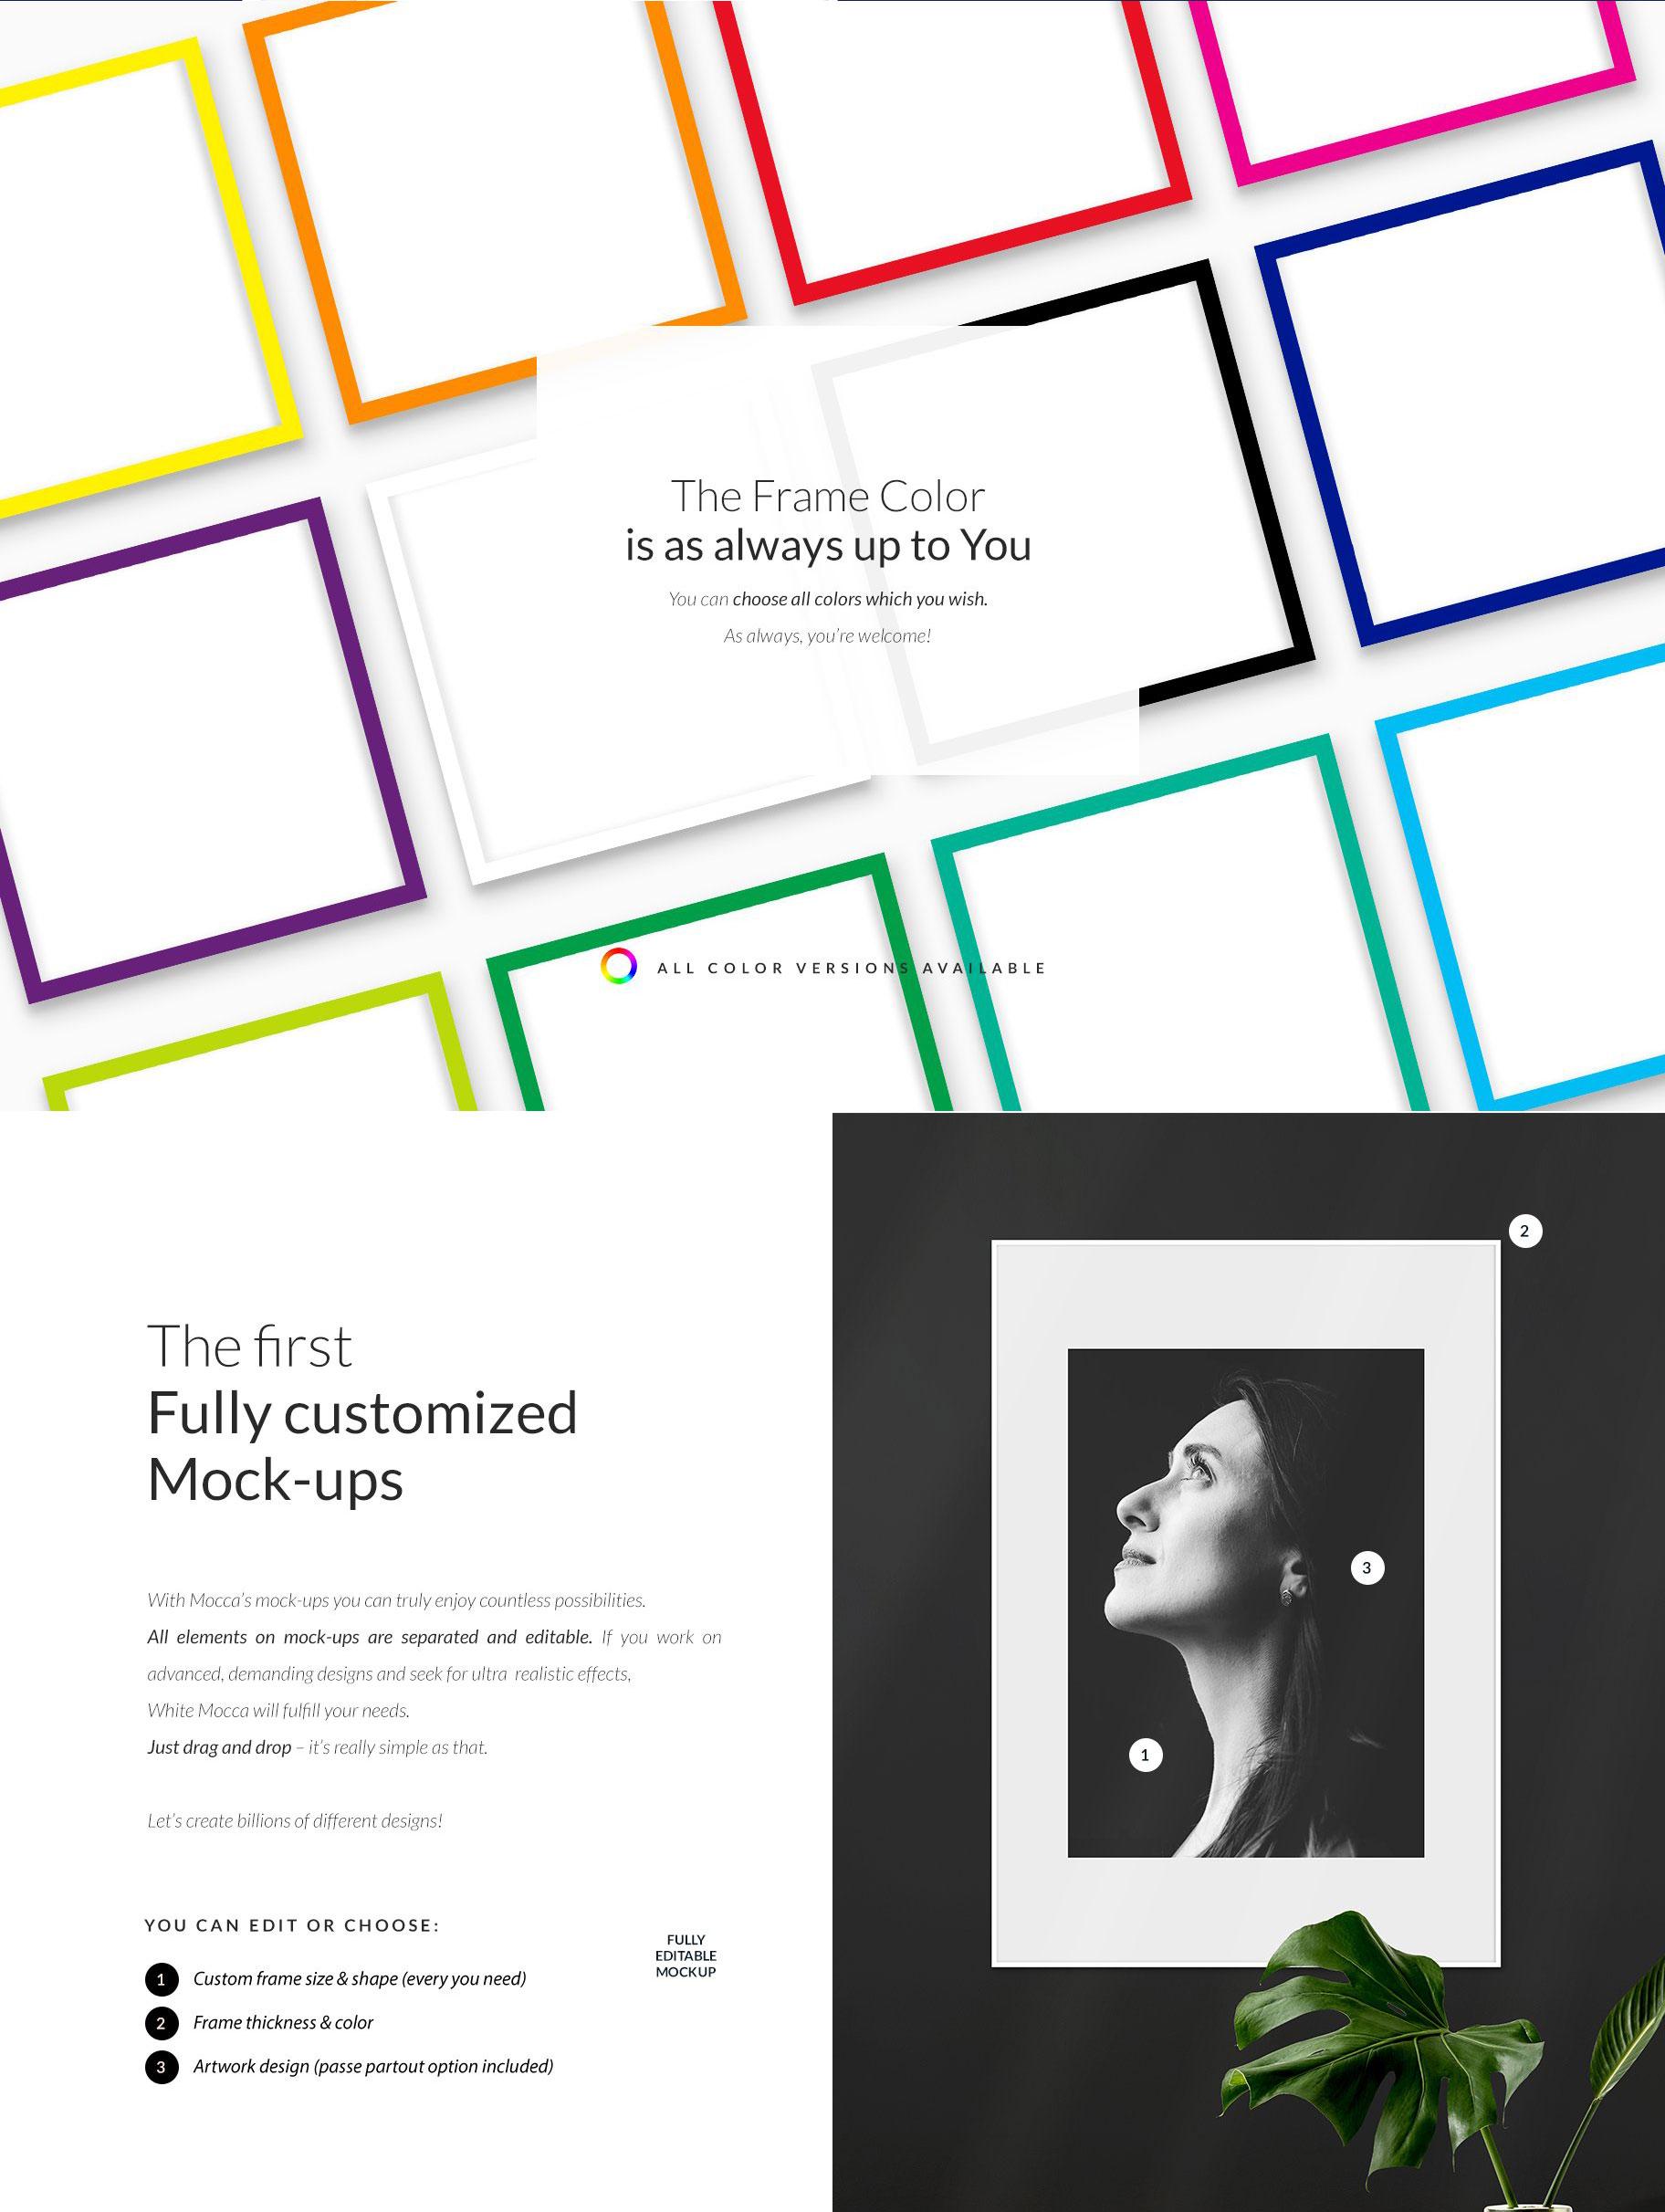 时尚绘画艺术品相片展示相框框架样机模板 Automatic Frame Mock-up Creator插图2